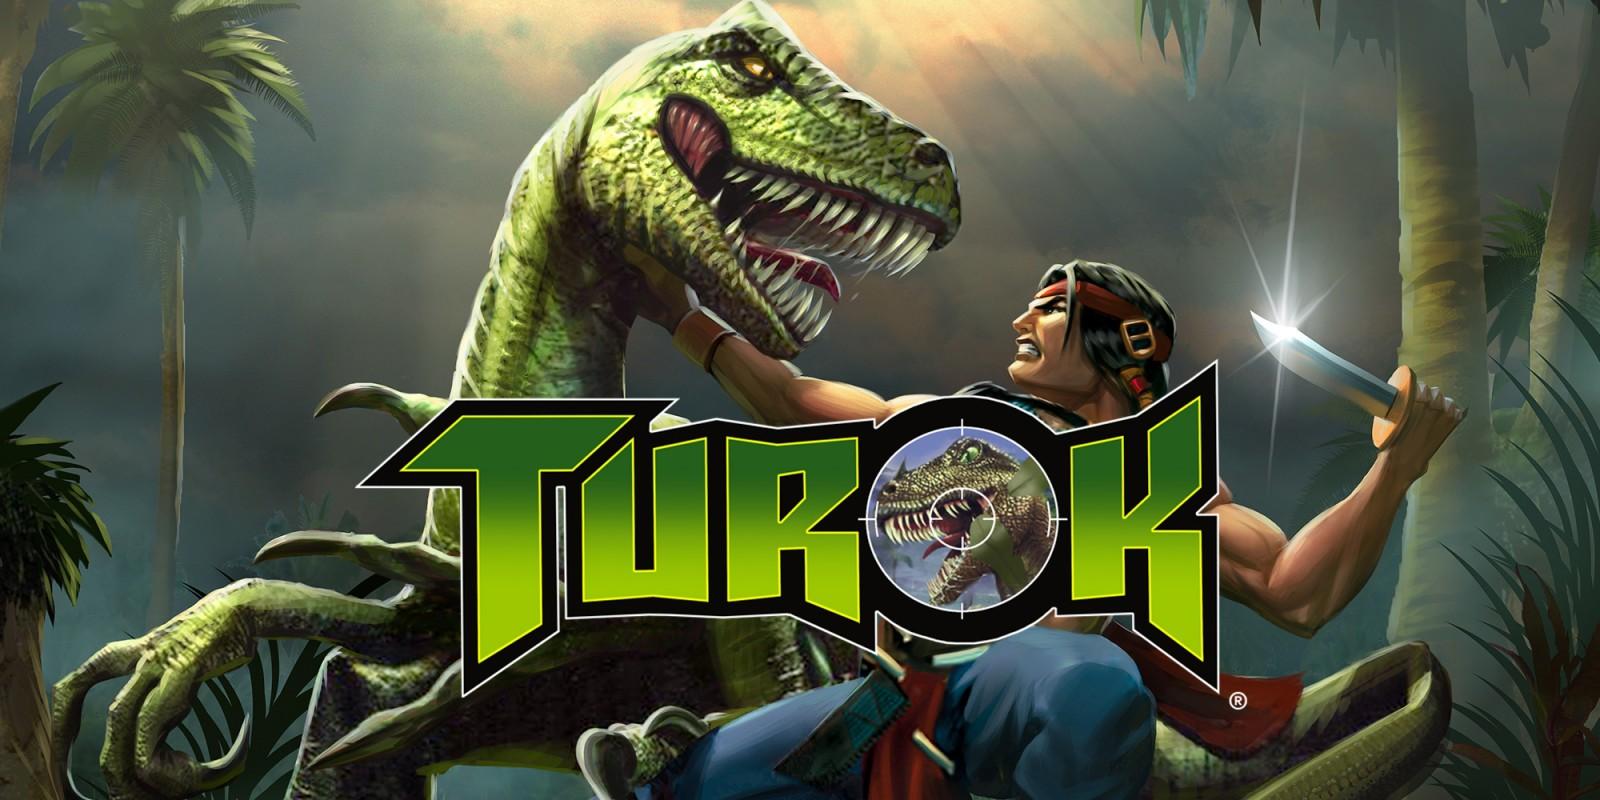 Compilação: Confira trailers de jogos que serão lançados nesta semana